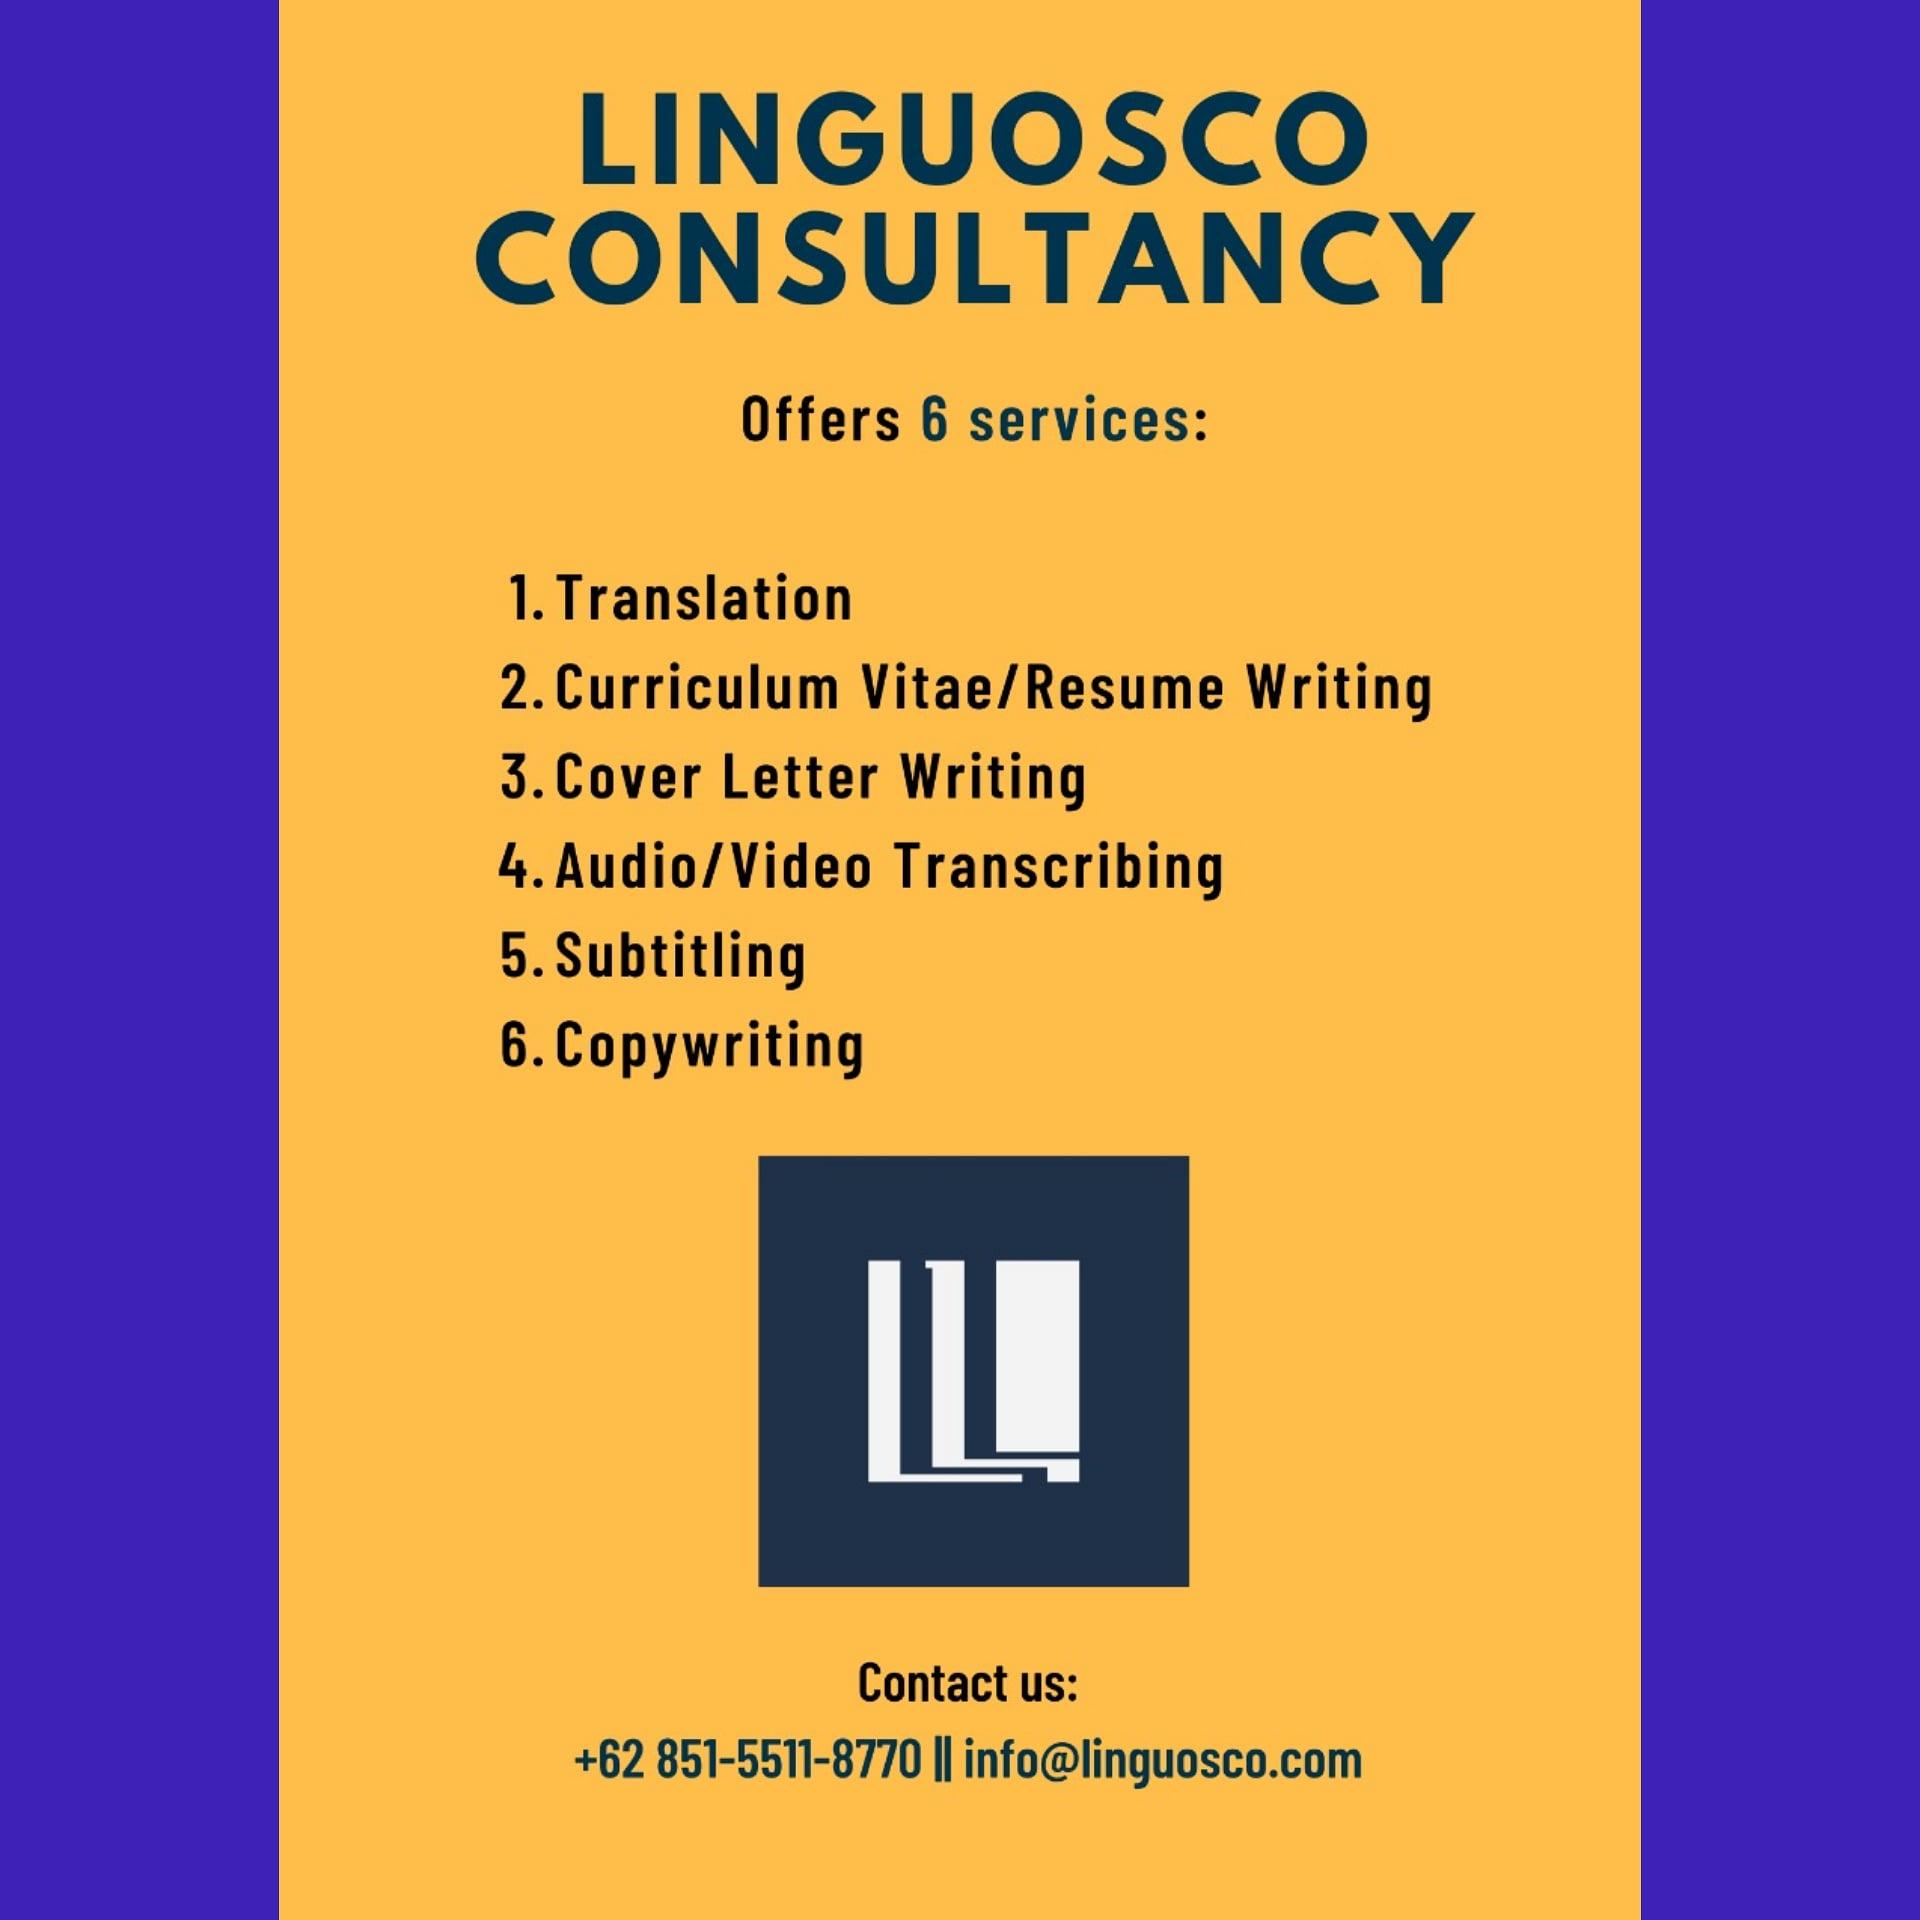 Linguosco - Services